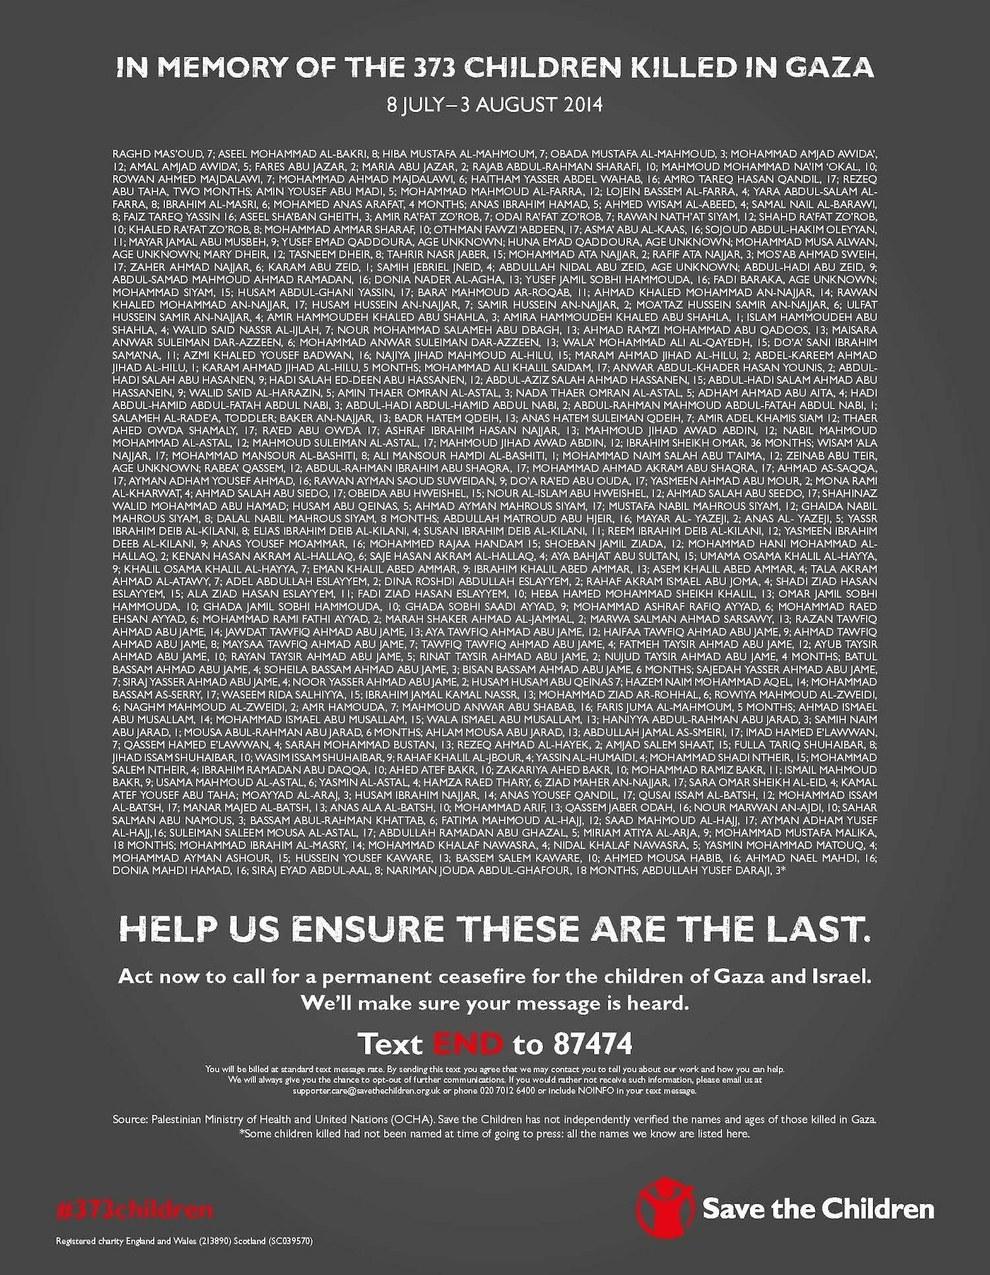 373 enfants gazaouis victimes de la barbarie sioniste